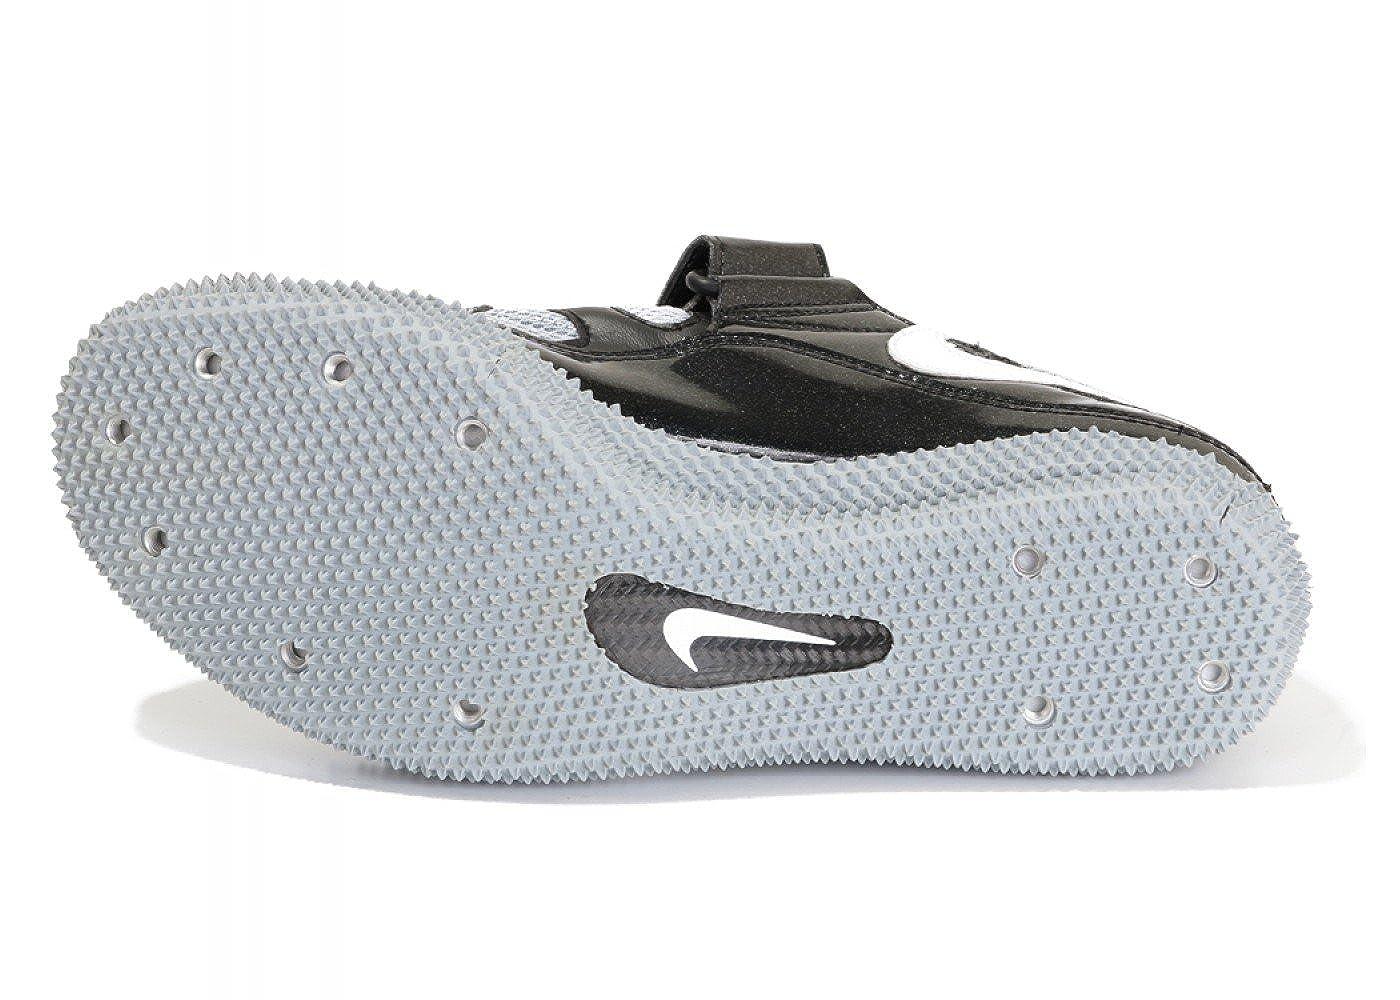 Nike Zoom HJ III III HJ High Jump Spitzen c0d32a